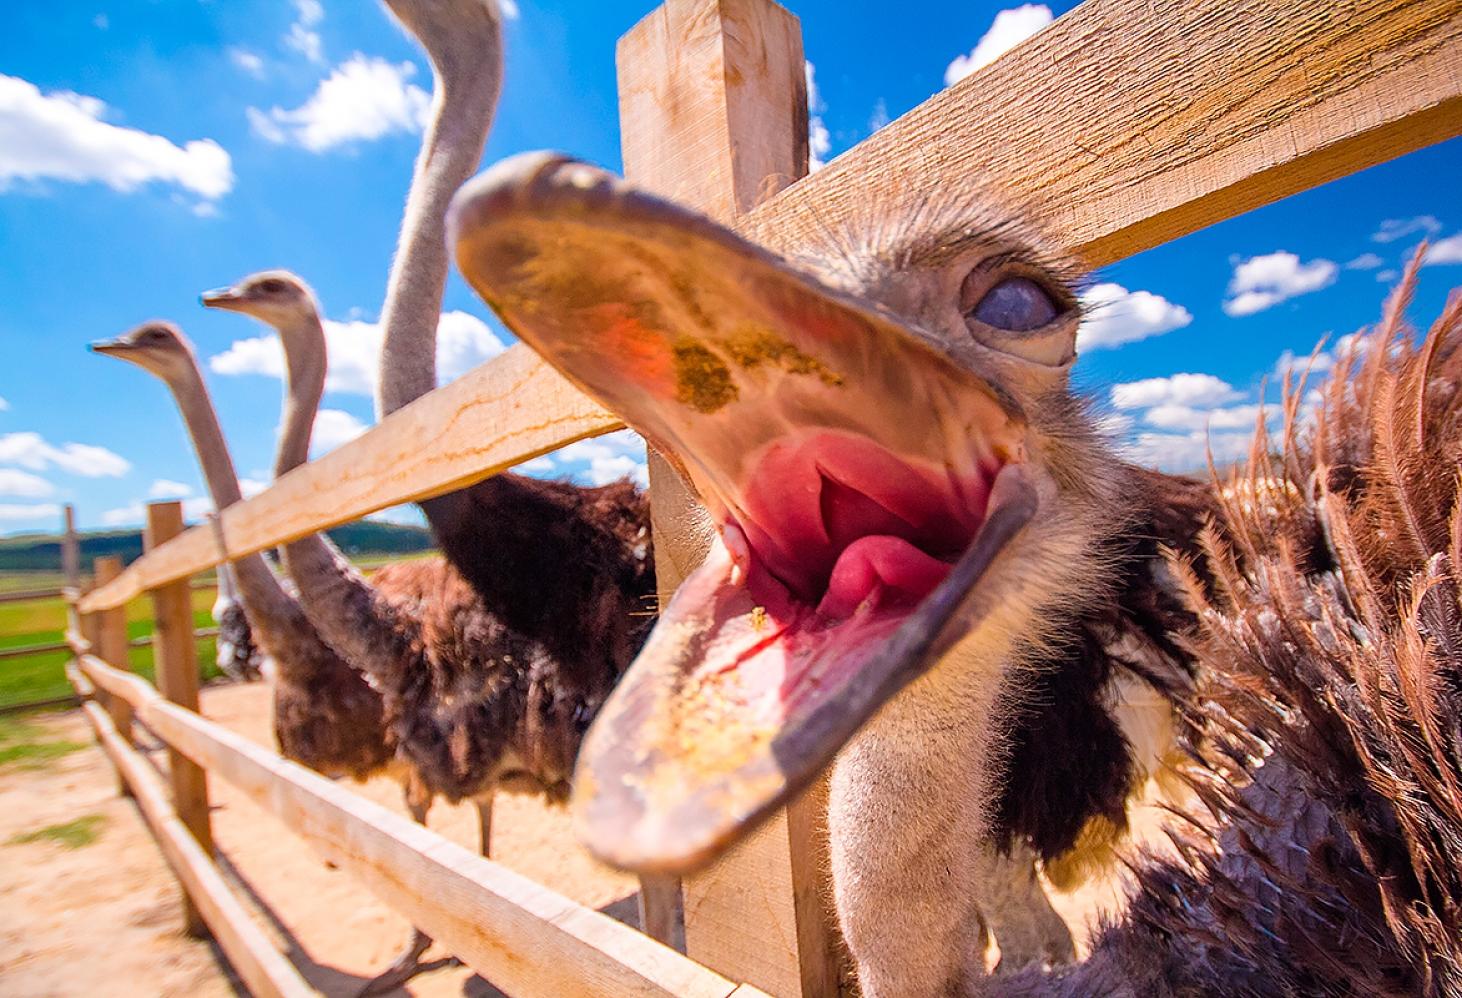 Национальный зоопарк Претории, Южная Африка